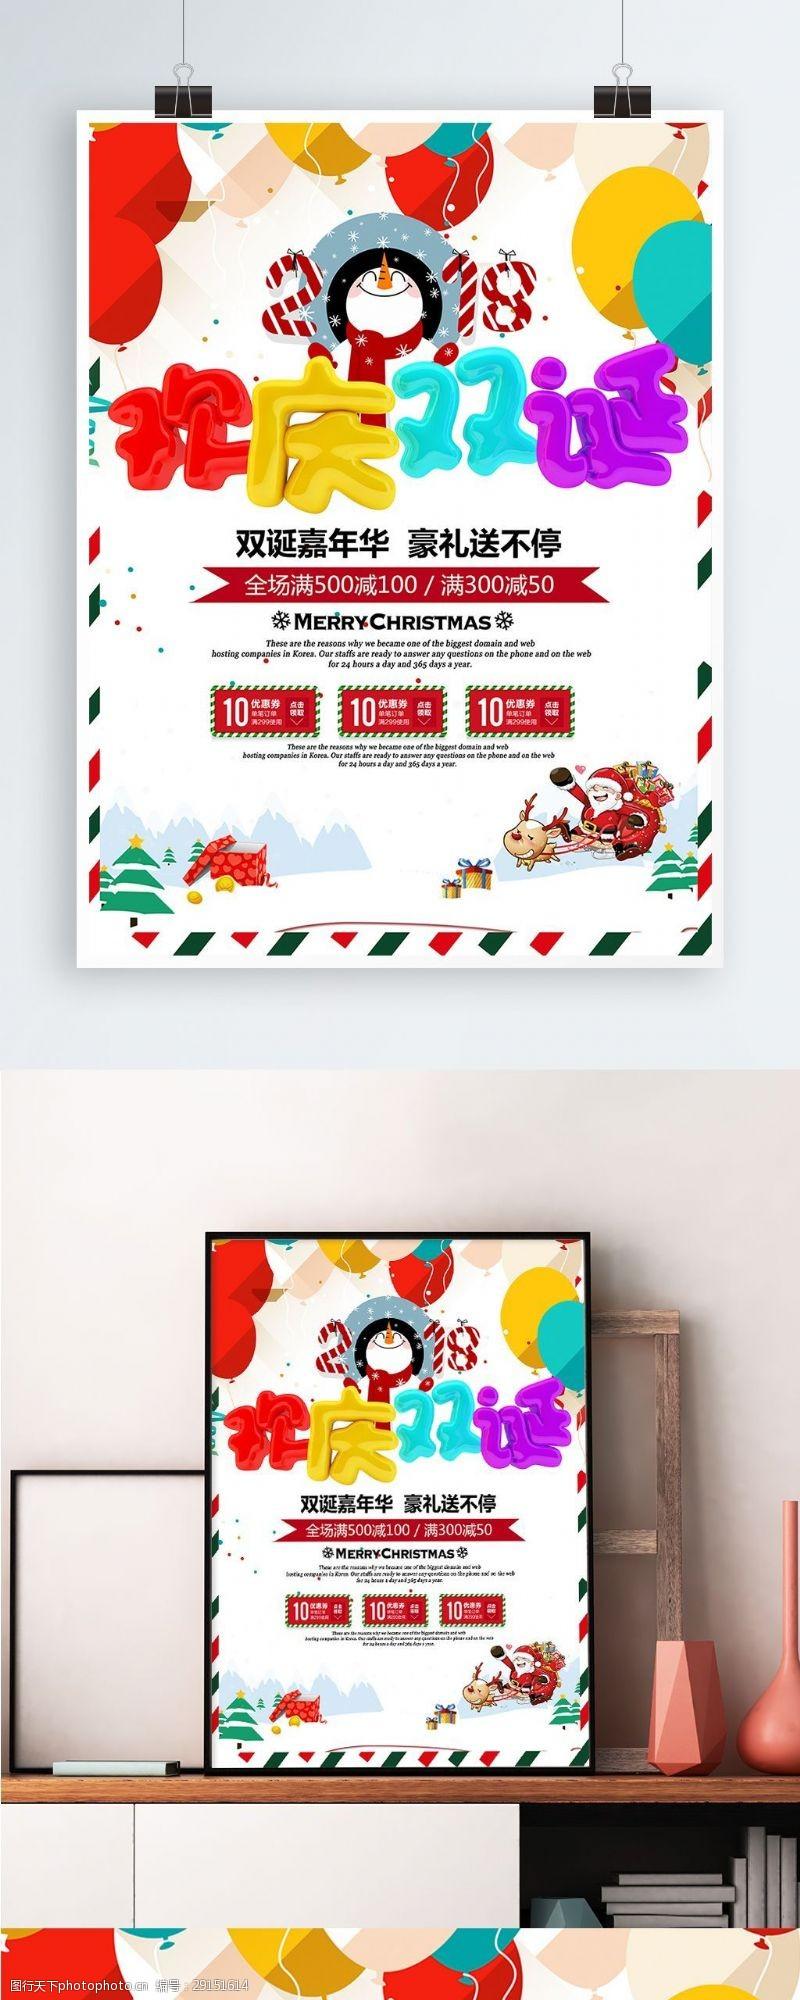 庆圣诞迎元旦海报卡通商场促销双诞同庆海报